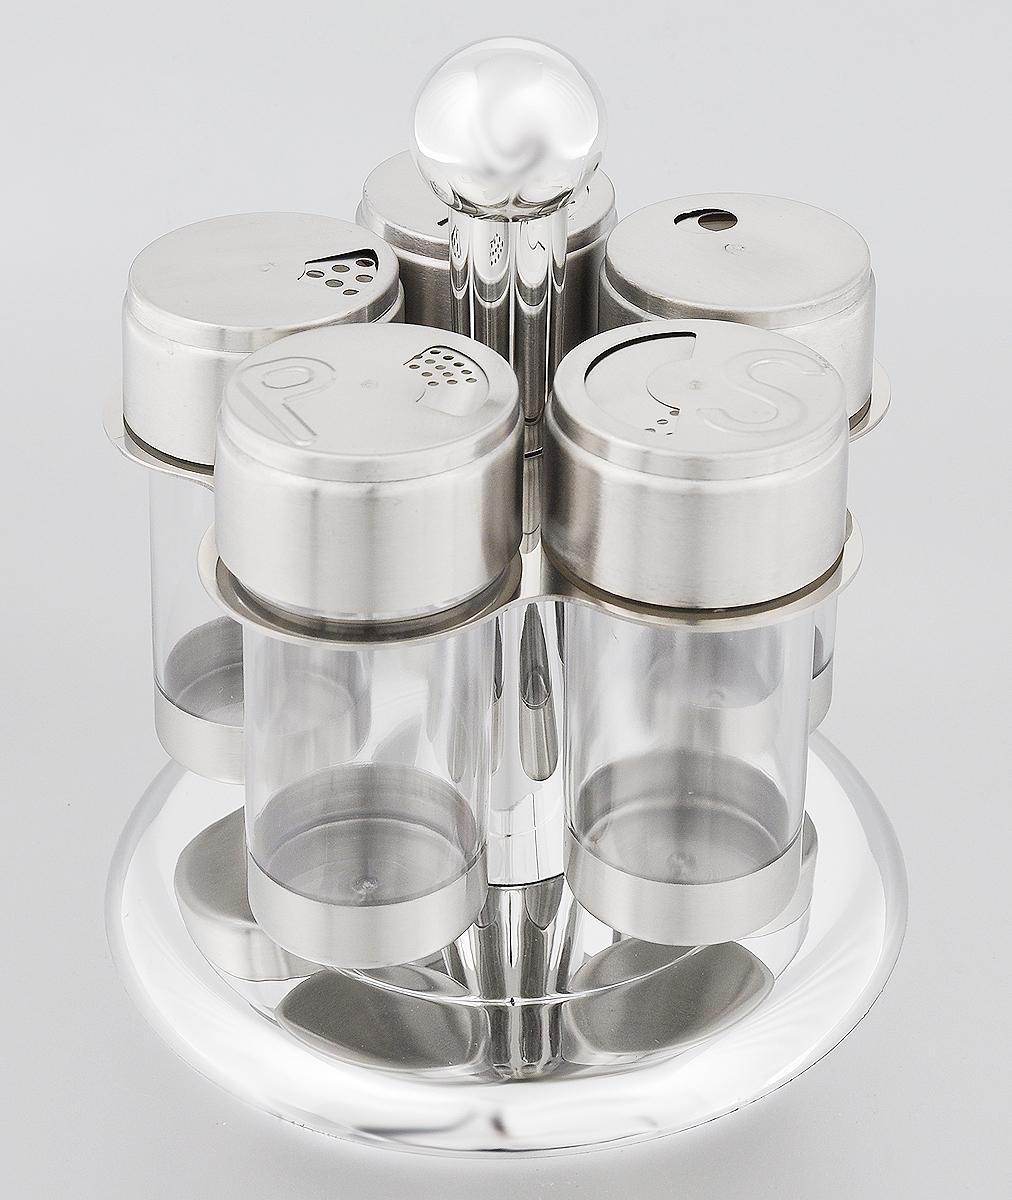 Набор банок для специй Mayer & Boch, на подставке, 6 предметовFD-59Набор Mayer & Boch состоит из трех универсальных емкостей для специй, перечницы и солонки, расположенных на вращающейся металлической подставке. Банки для хранения выполнены из высококачественной нержавеющей стали и прозрачного пластика. Крышки емкостей снабжены резьбой, которая обеспечивает плотное прилегание крышки, а также позволяет долгое время сохранить специи свежими. Набор Mayer & Boch - это оригинальное решение для современной кухни.Объем банок: 100 мл.Диаметр банок: 5,2 см.Высота банок: 11 см.Размер подставки: 16 х 16 х 18,5 см.